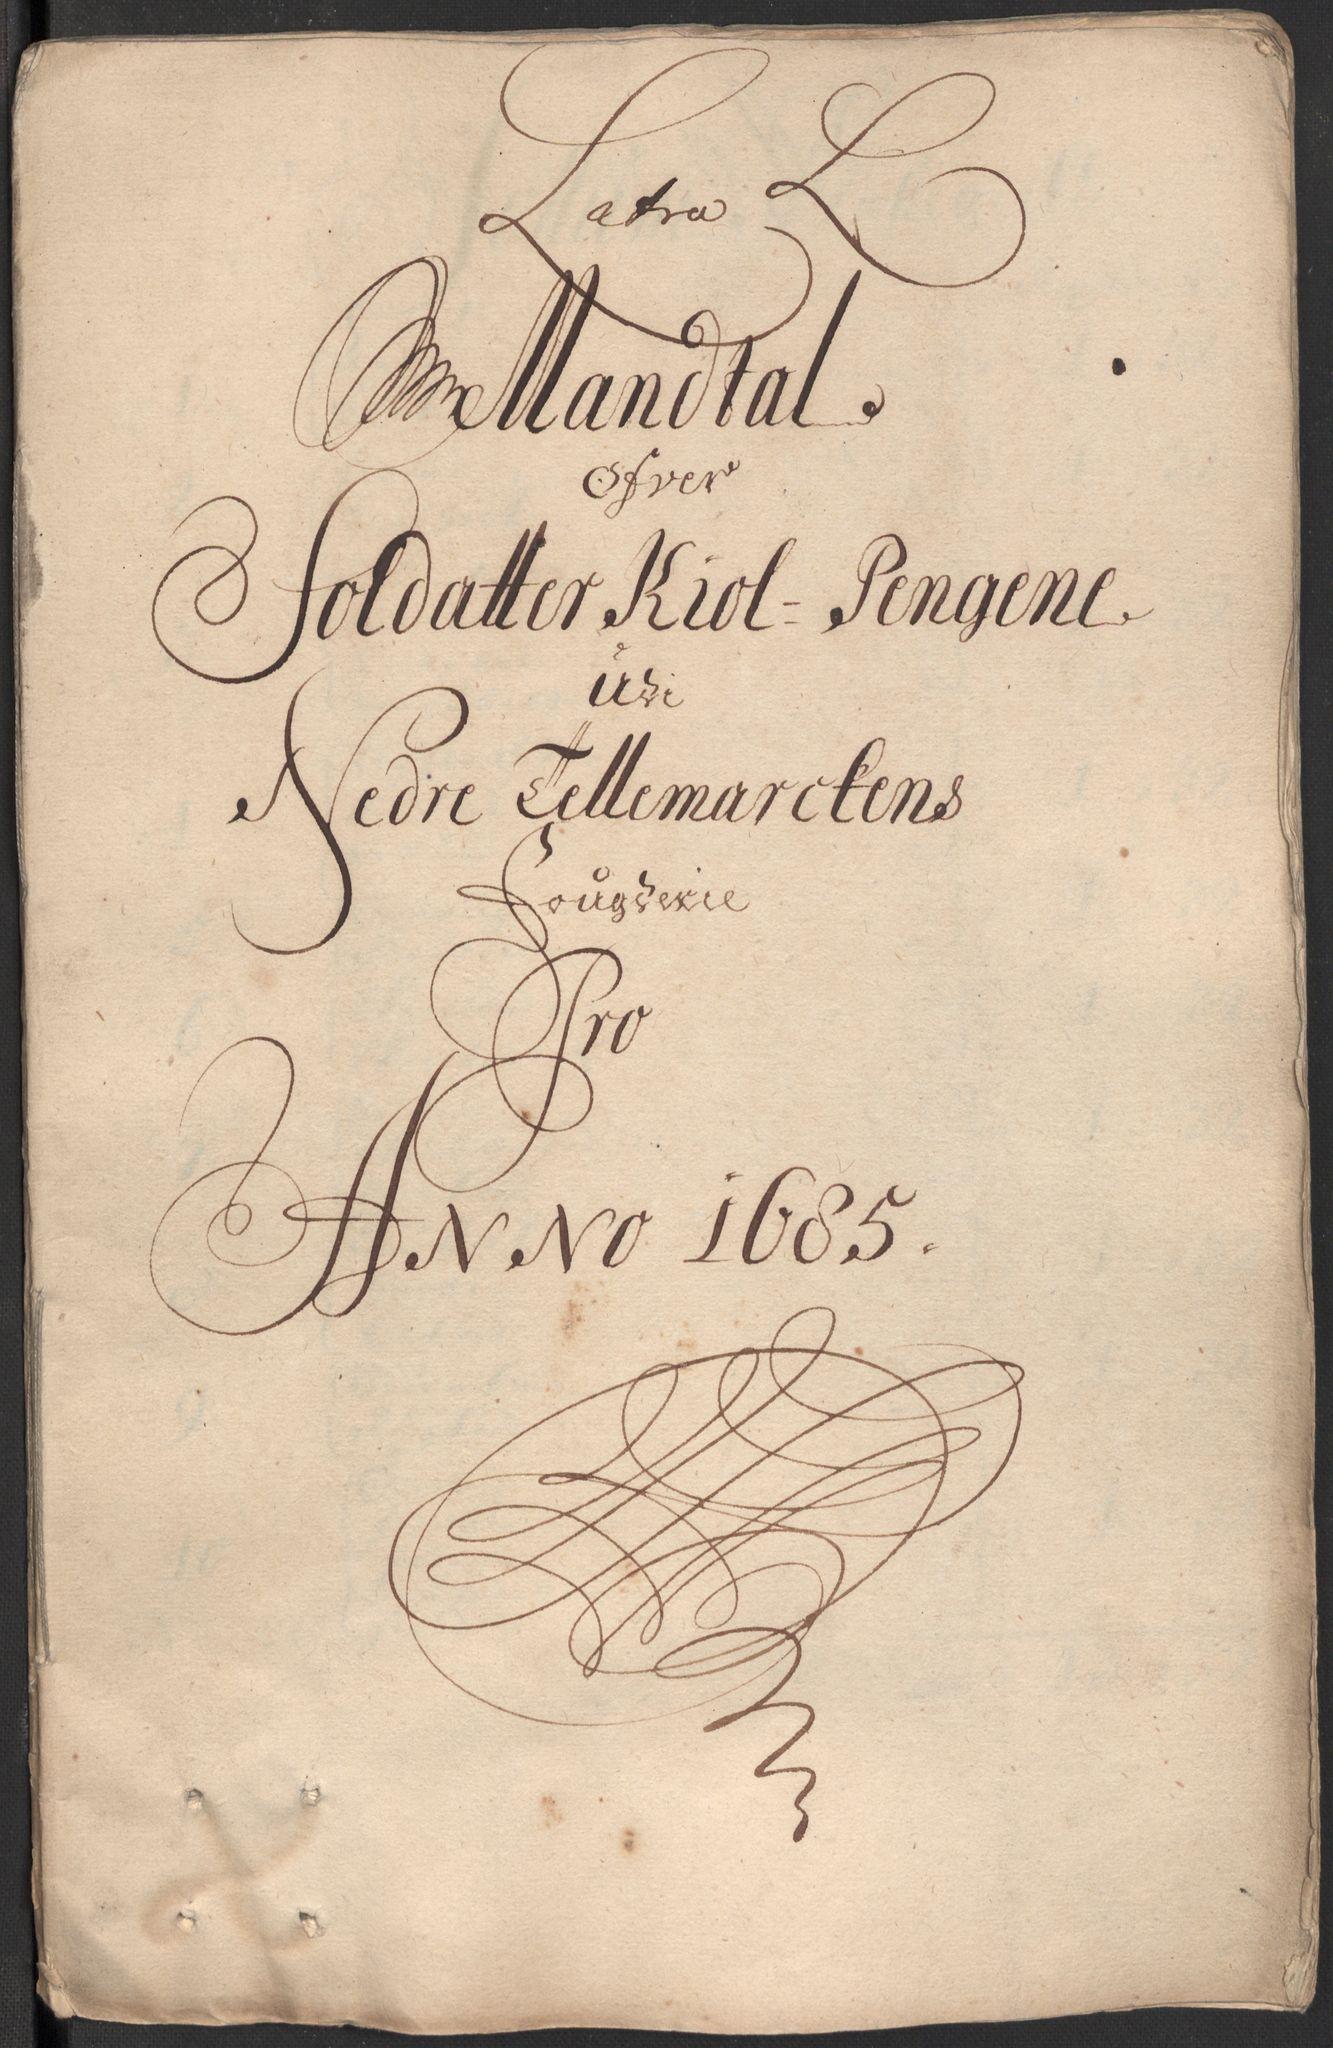 RA, Rentekammeret inntil 1814, Reviderte regnskaper, Fogderegnskap, R35/L2082: Fogderegnskap Øvre og Nedre Telemark, 1685, s. 321